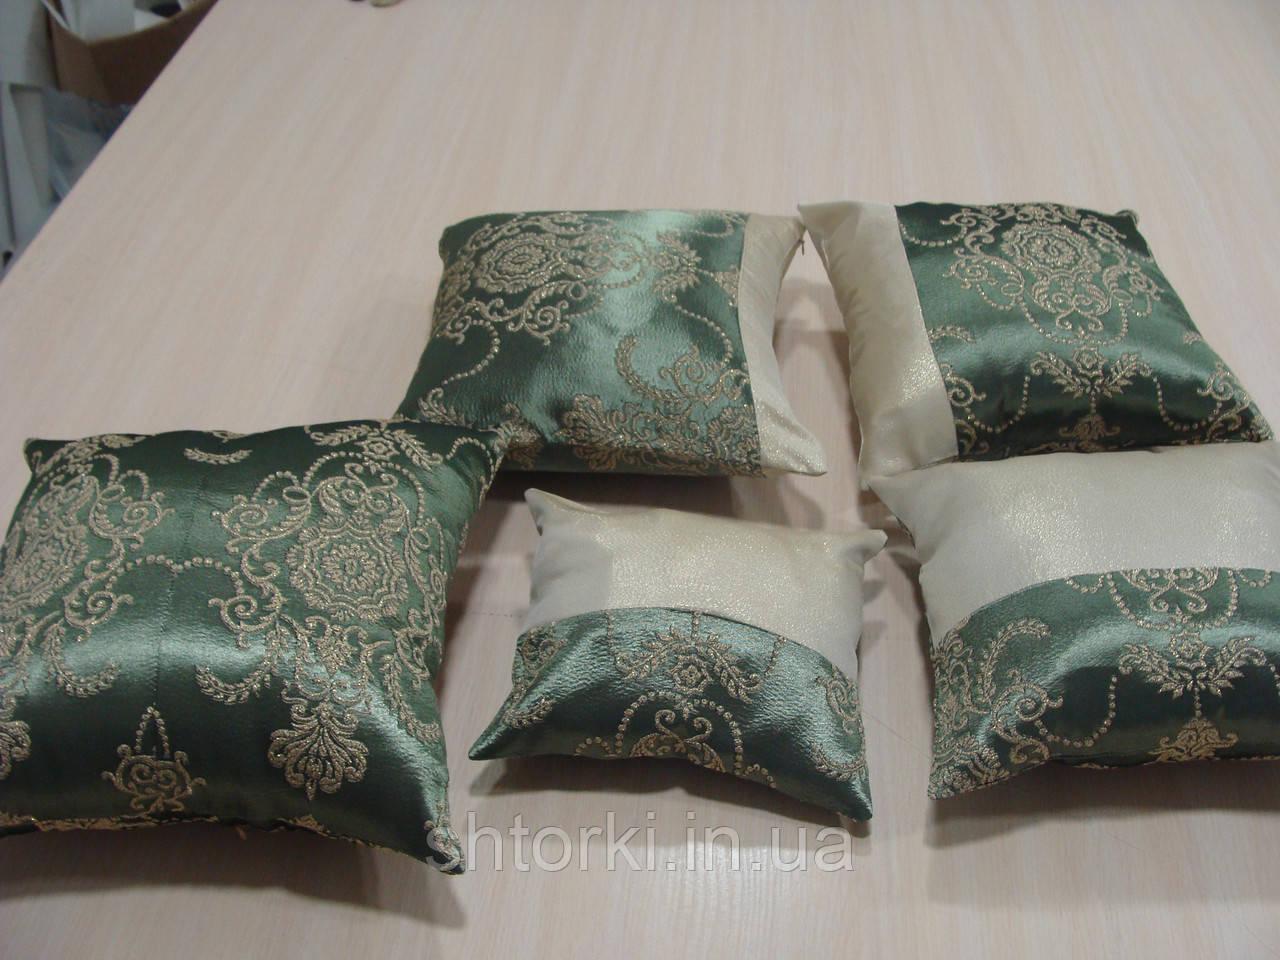 Комплект подушек 5шт зеленые с золотым узором